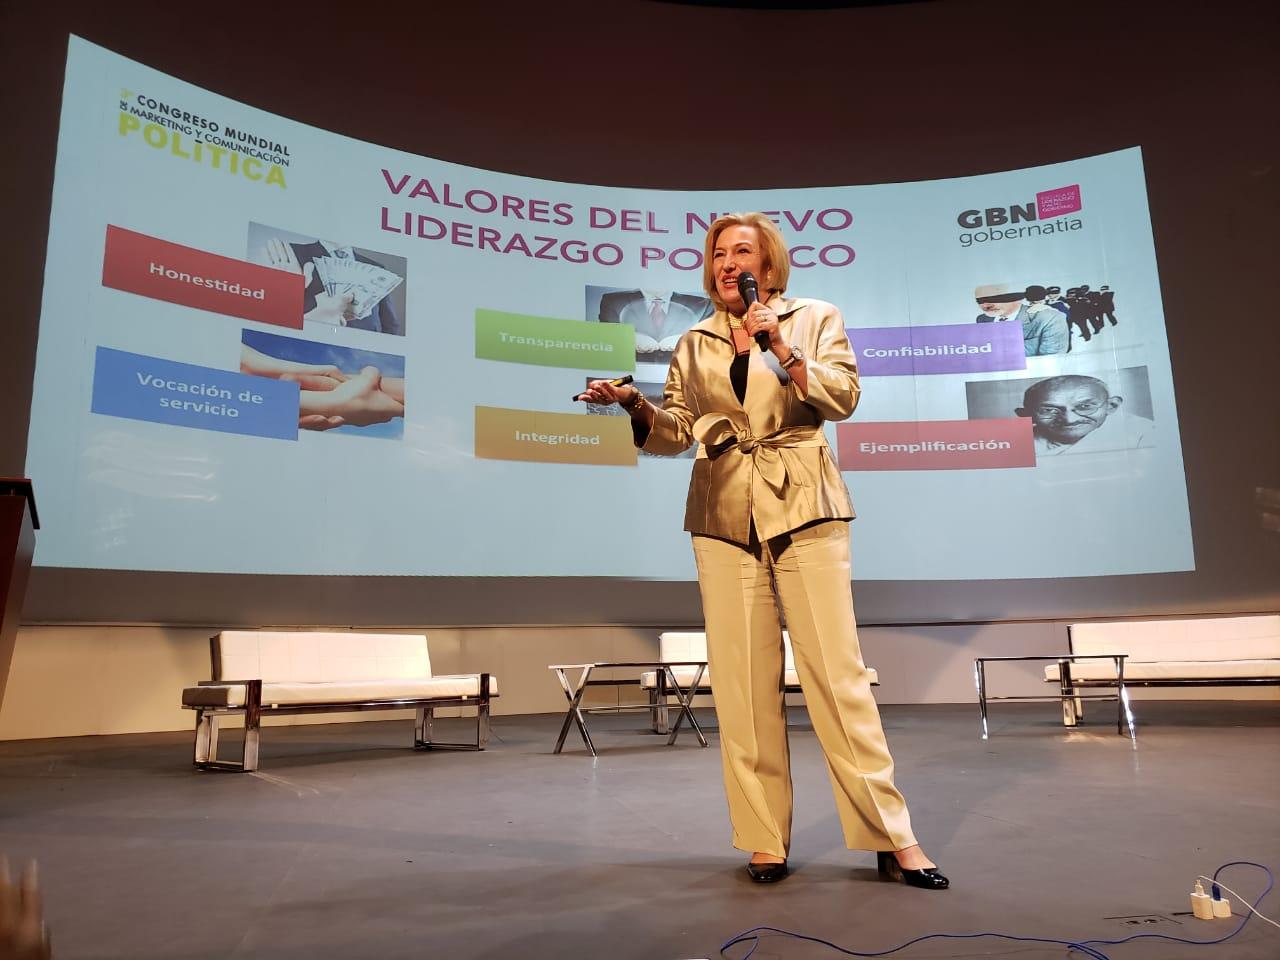 Clausura del Congreso Mundial de Marketing y Comunicación Política de Cali (Colombia)